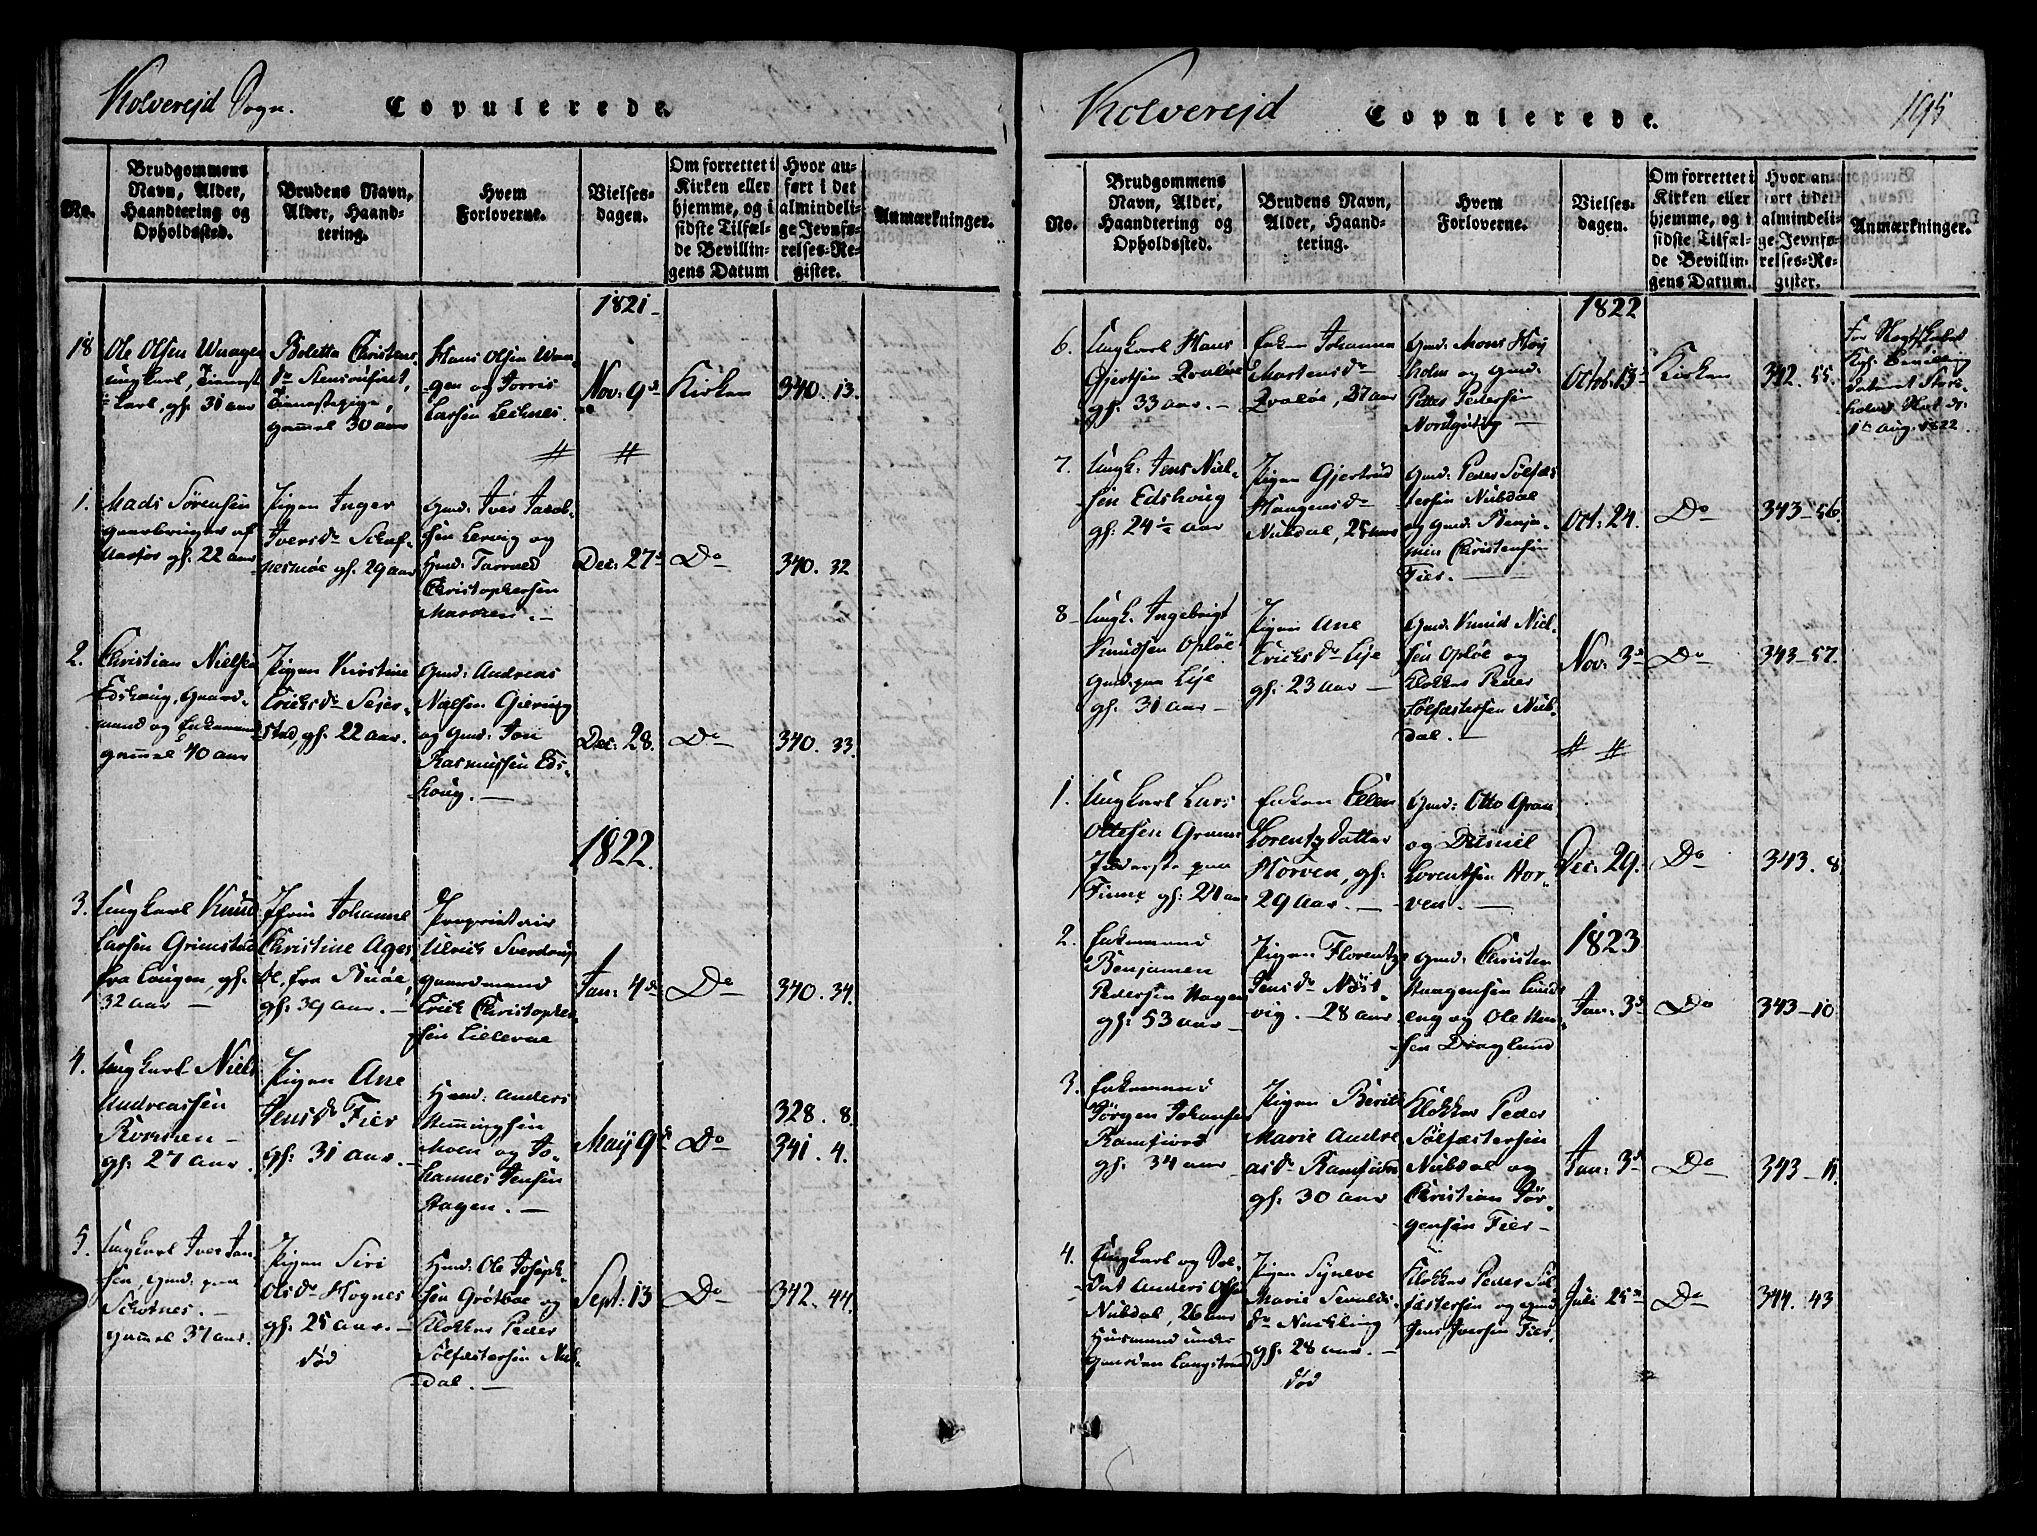 SAT, Ministerialprotokoller, klokkerbøker og fødselsregistre - Nord-Trøndelag, 780/L0636: Ministerialbok nr. 780A03 /1, 1815-1830, s. 195